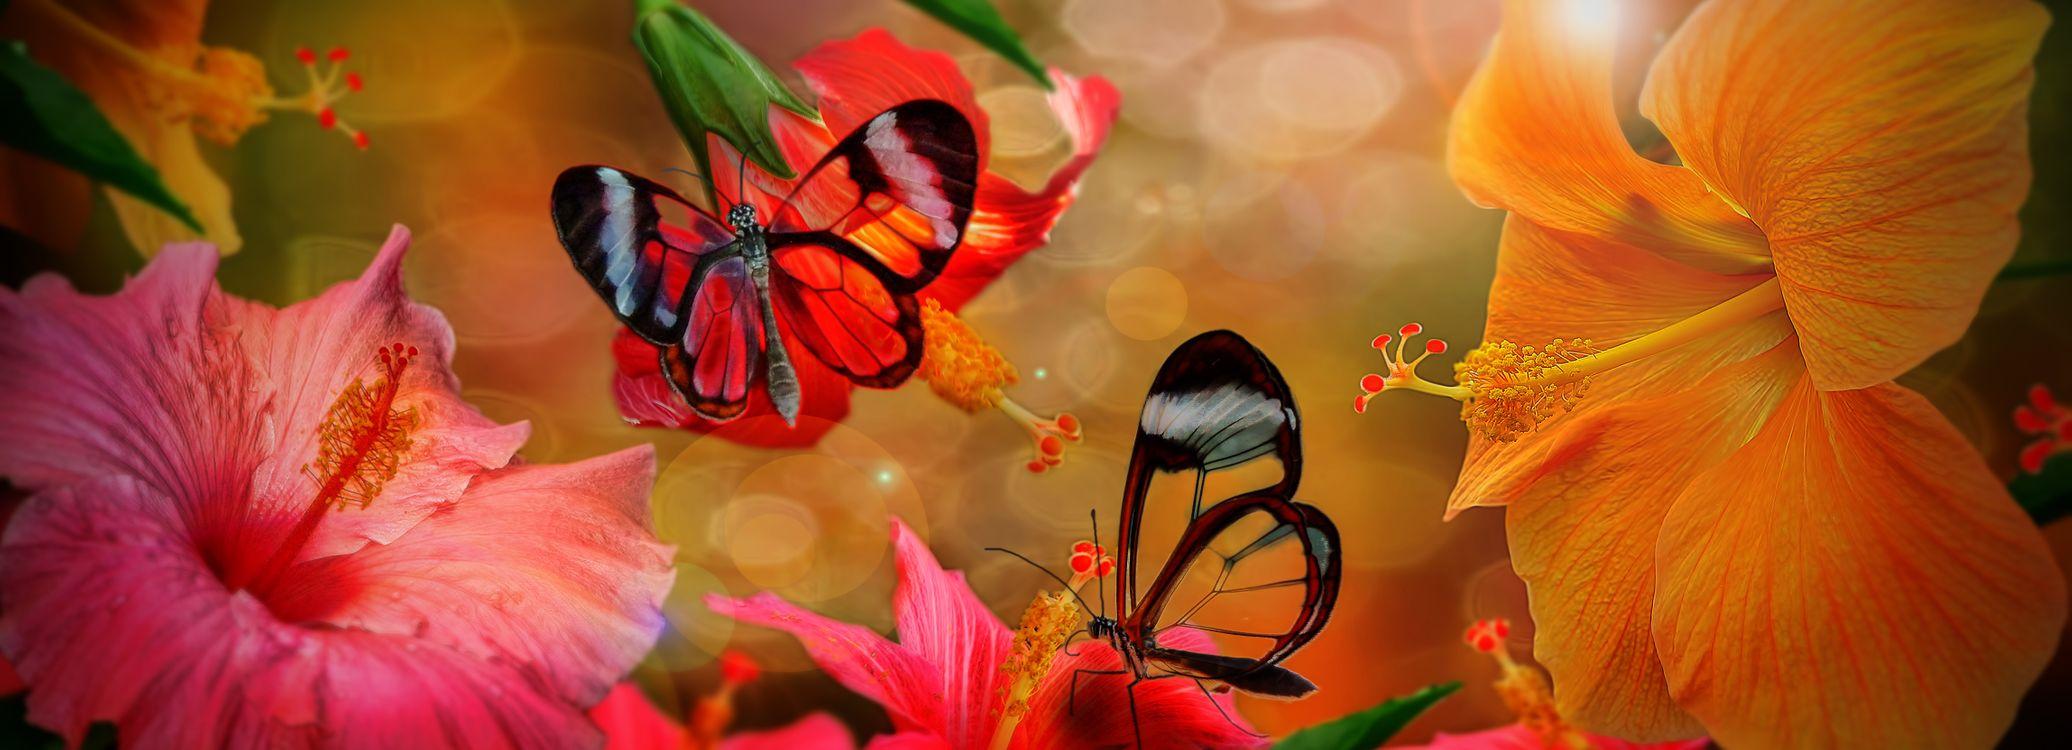 Открытка бабочка на розе, музыкальная поздравления